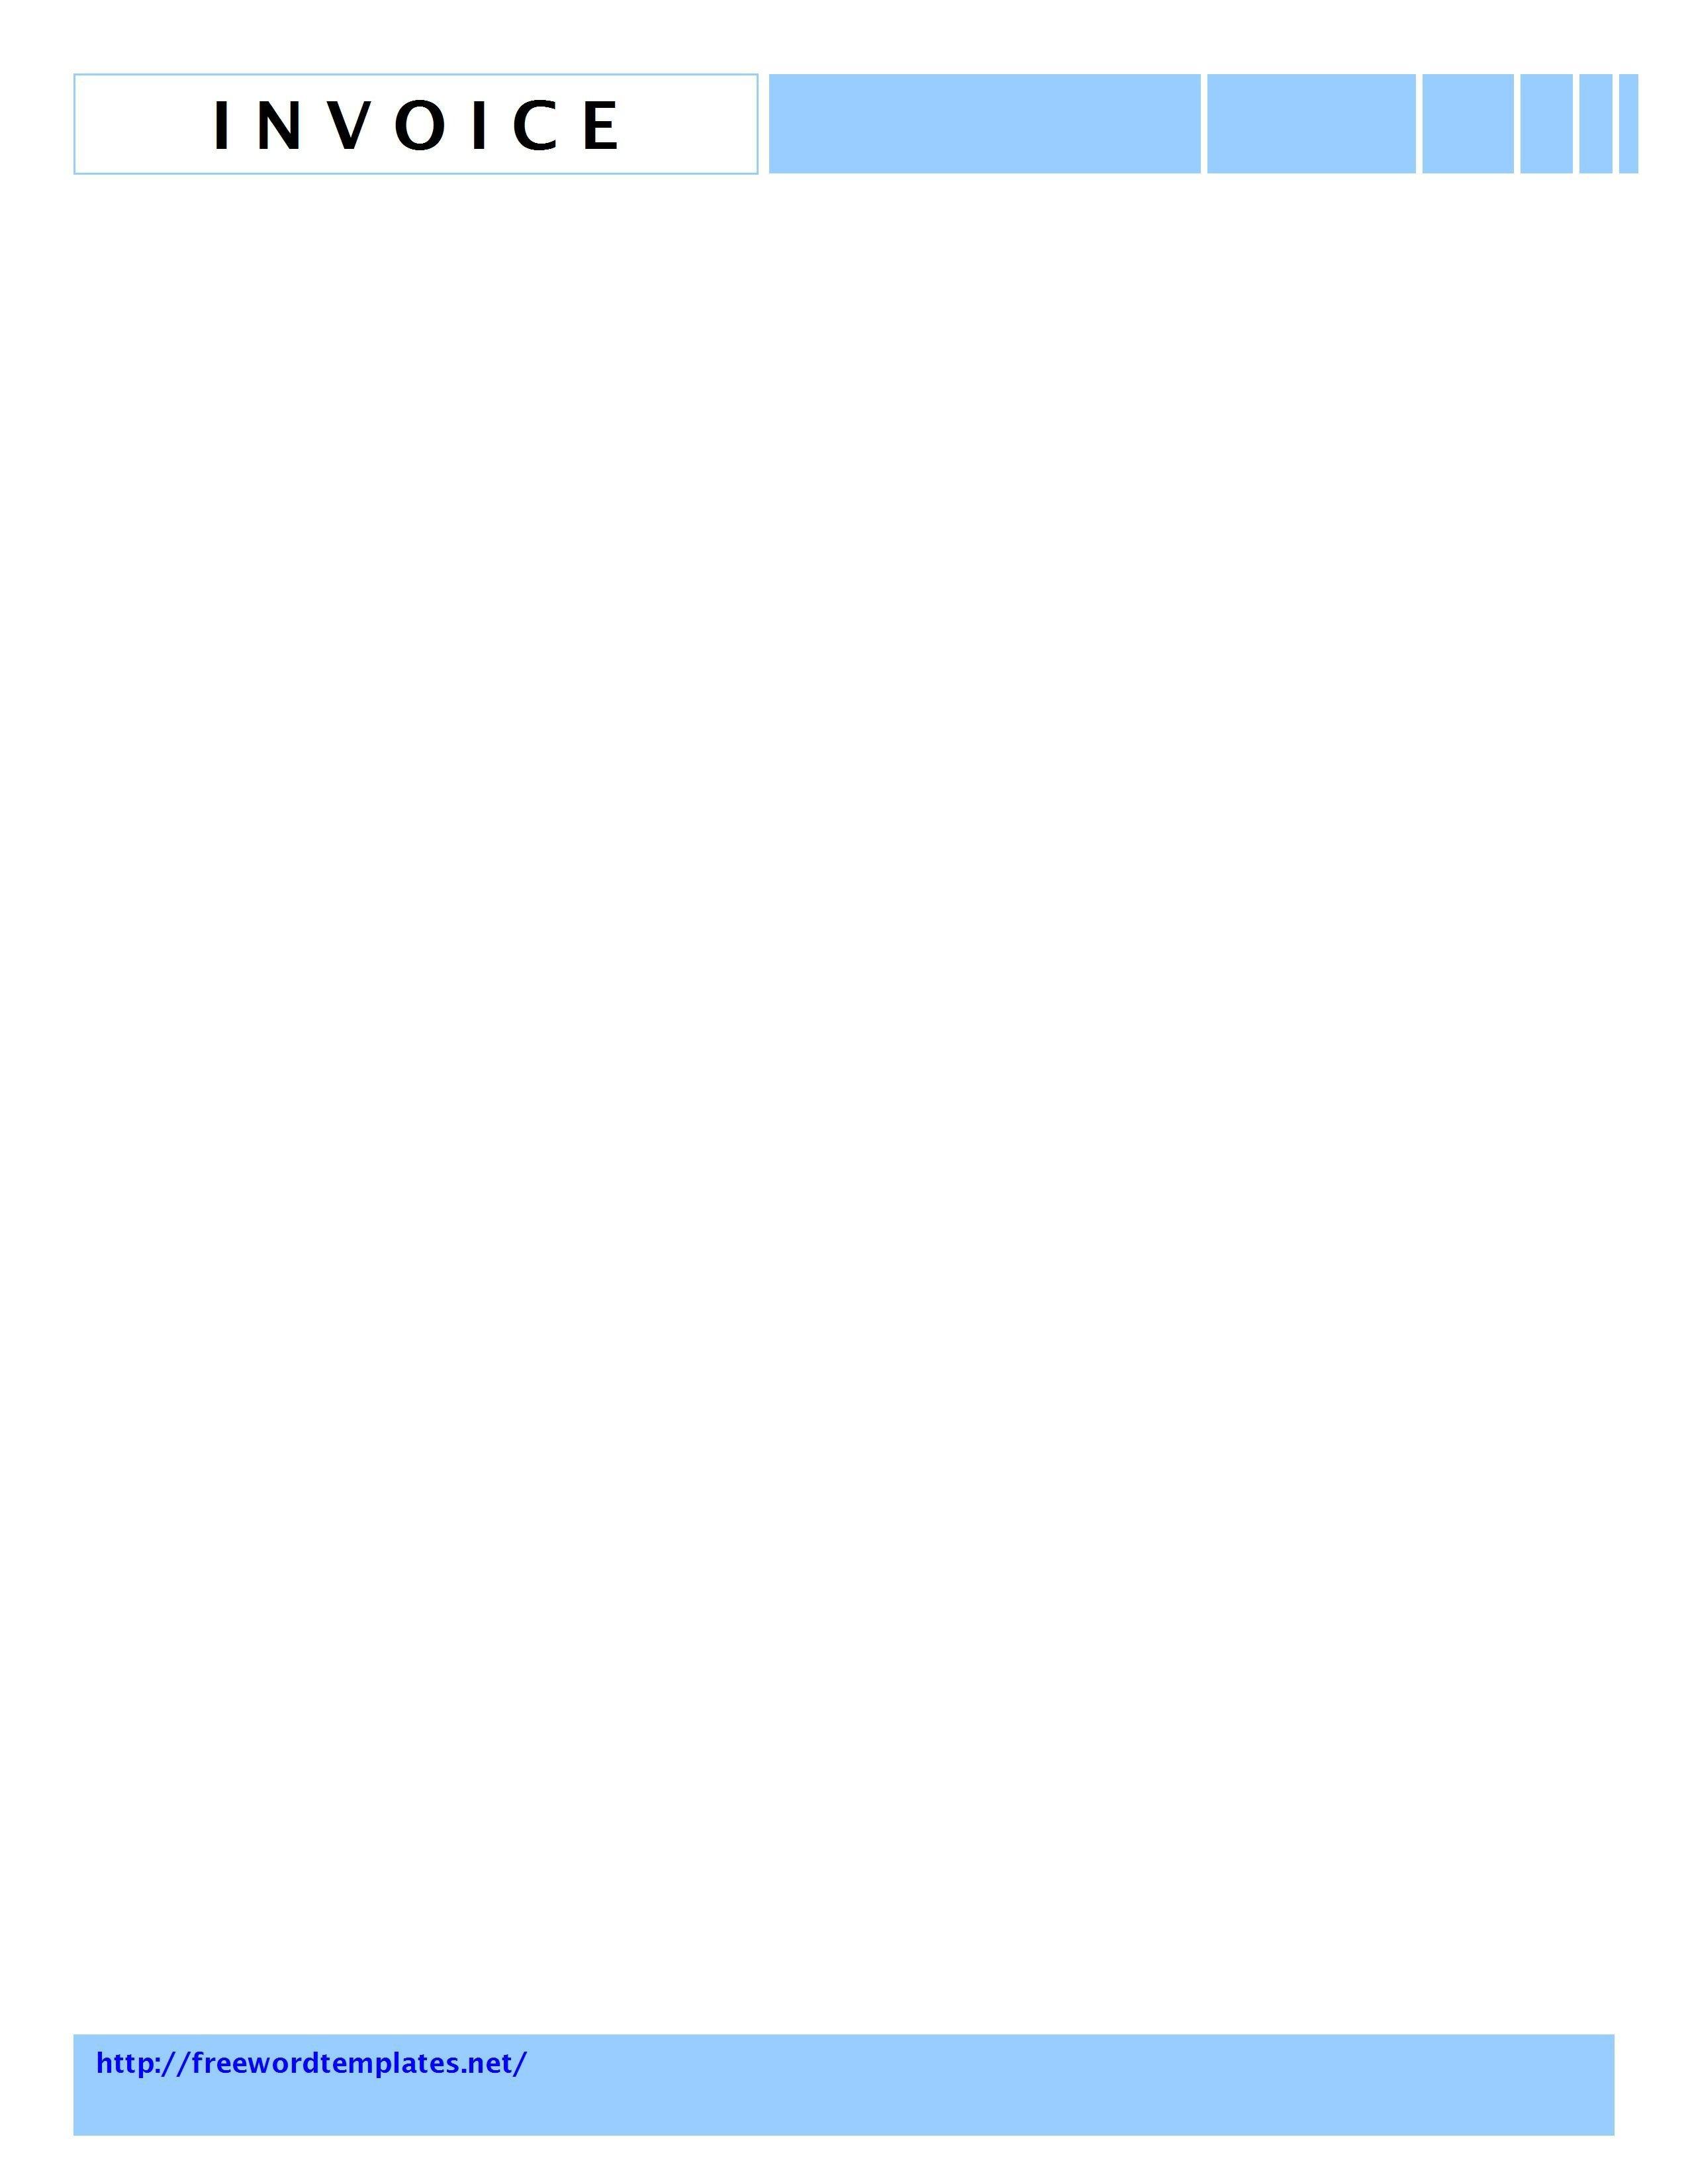 Free Word Letterhead Templates Invoice Letterhead